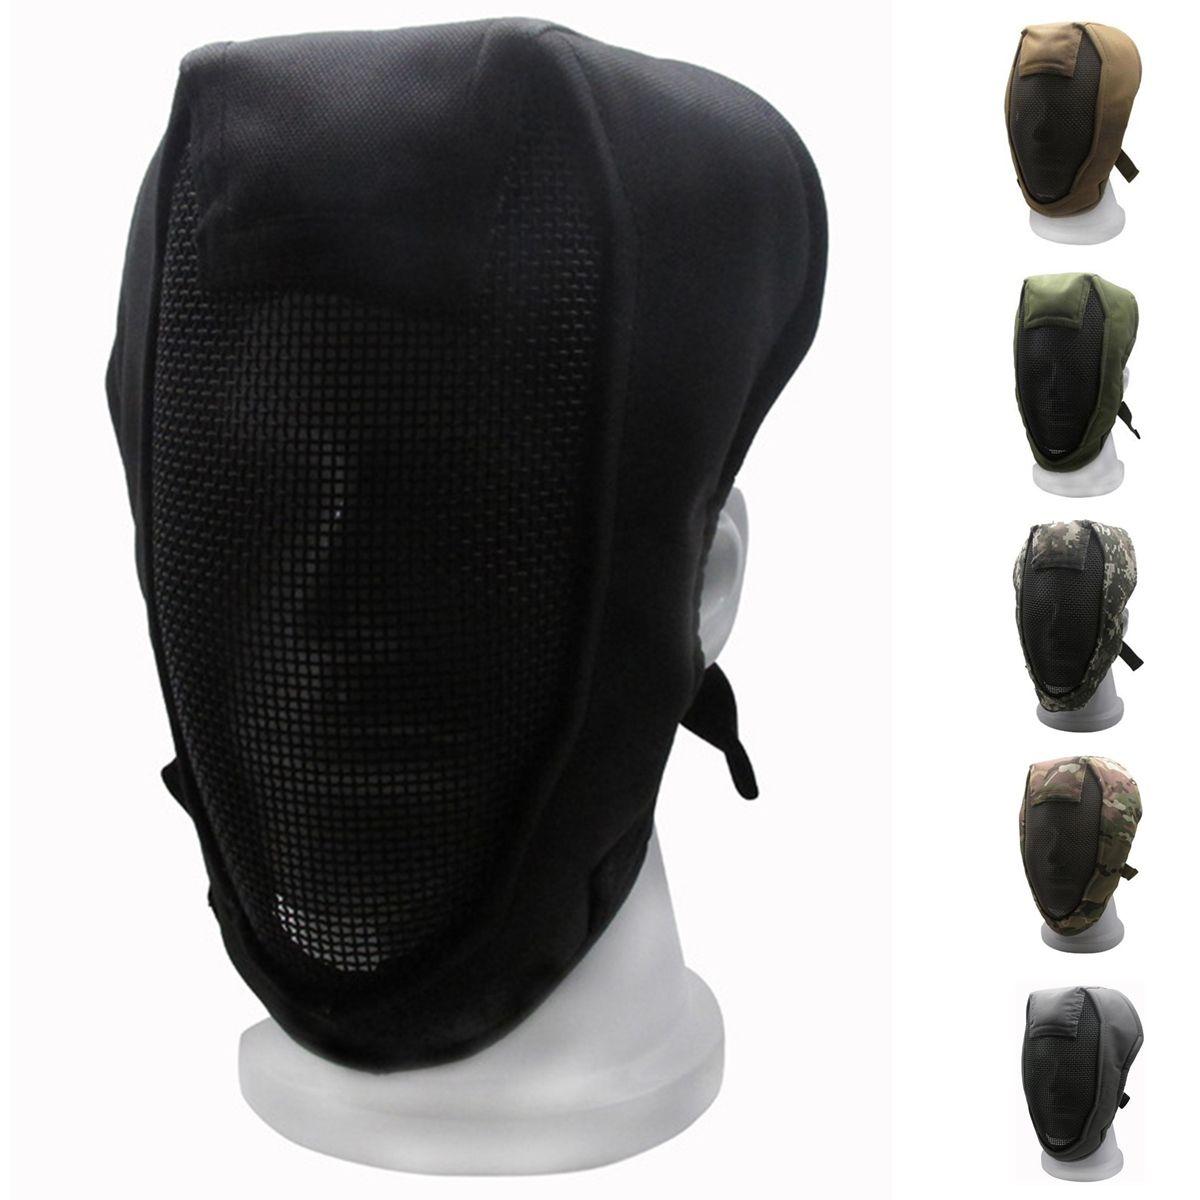 Camouflage Volle Gesicht Fechten Maske Mesh Maske Outdoor Tacktical Schützen Military Maske für Armee Outdoor Paintball Zubehör